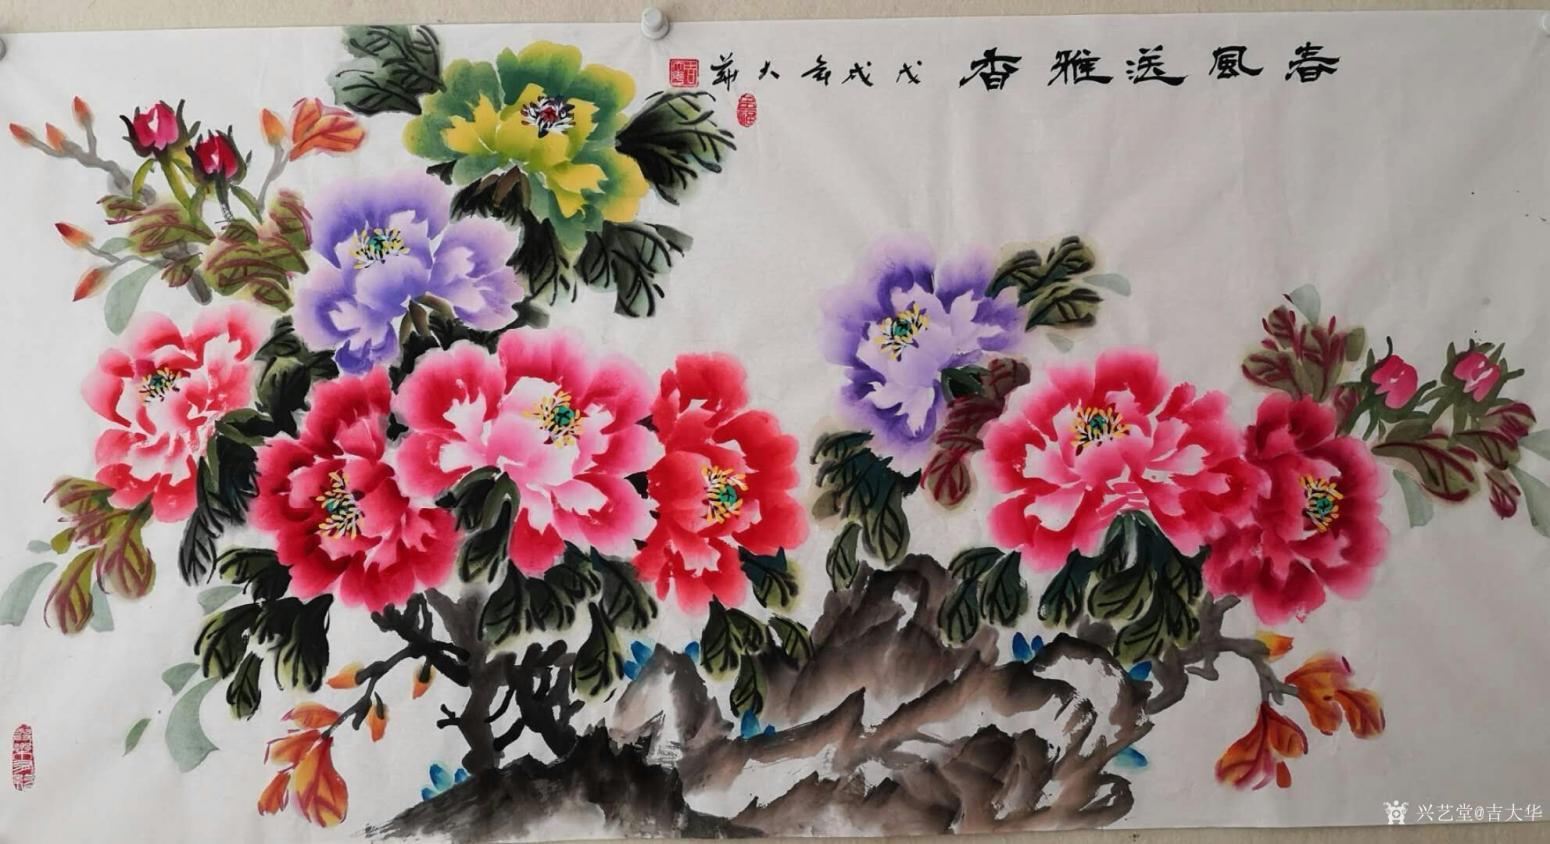 吉大华国画作品《春风送雅香》【图0】